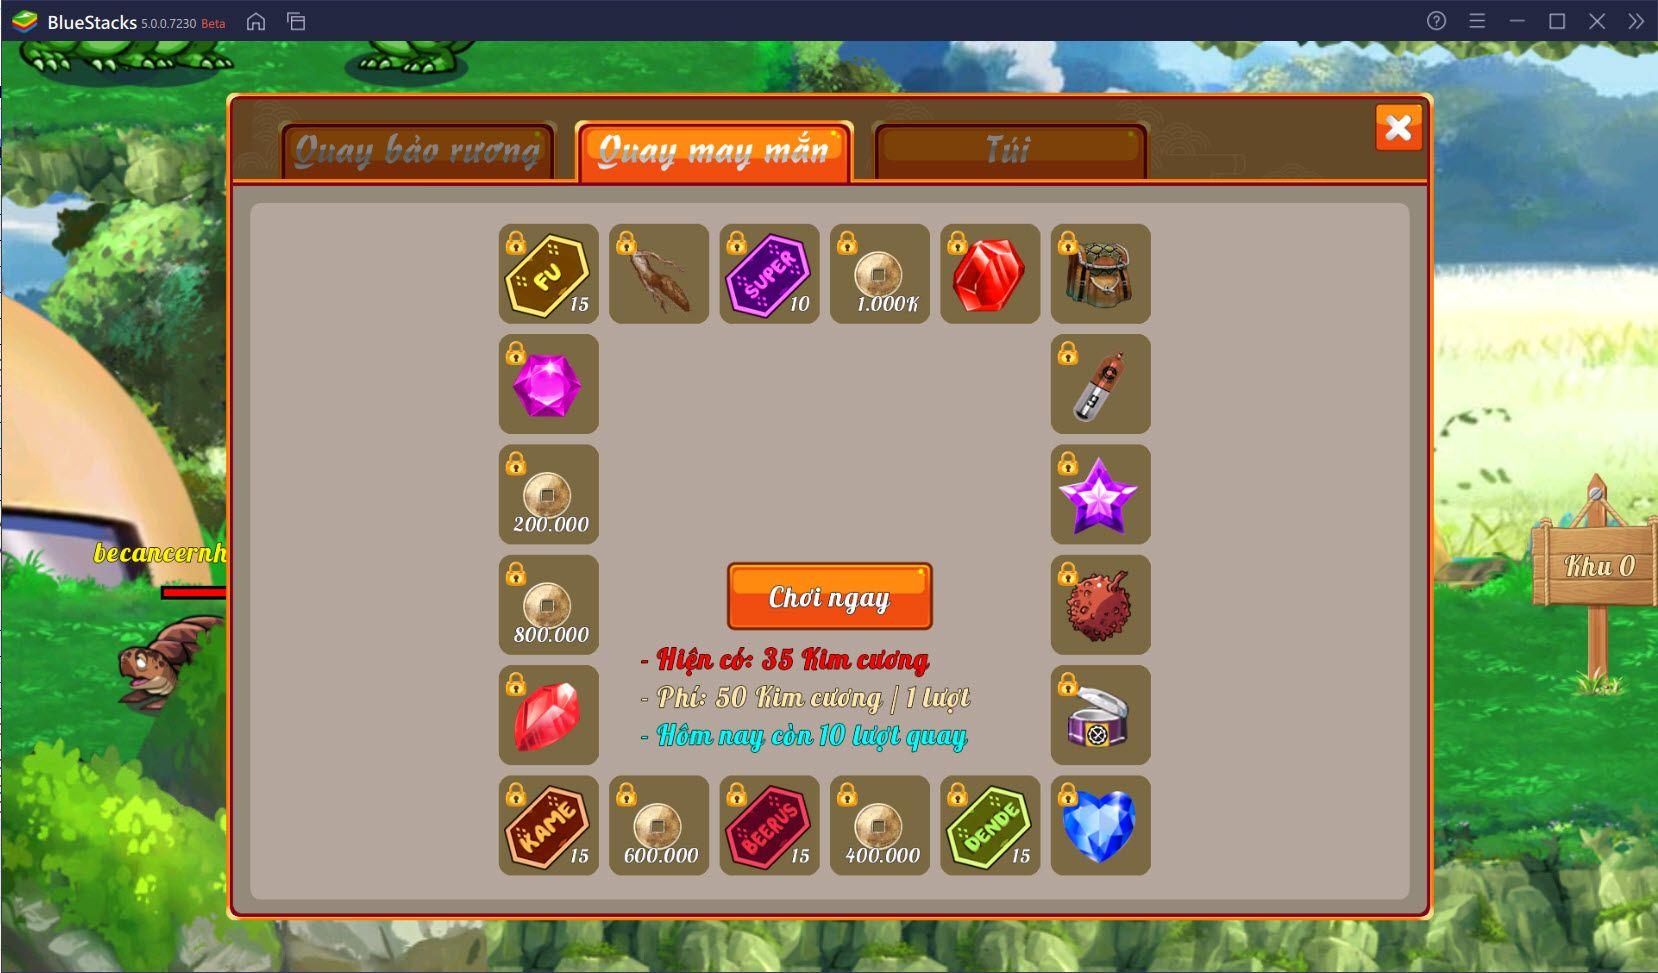 Những thứ quan trọng bạn không nên bỏ qua khi chơi Gọi Rồng Online